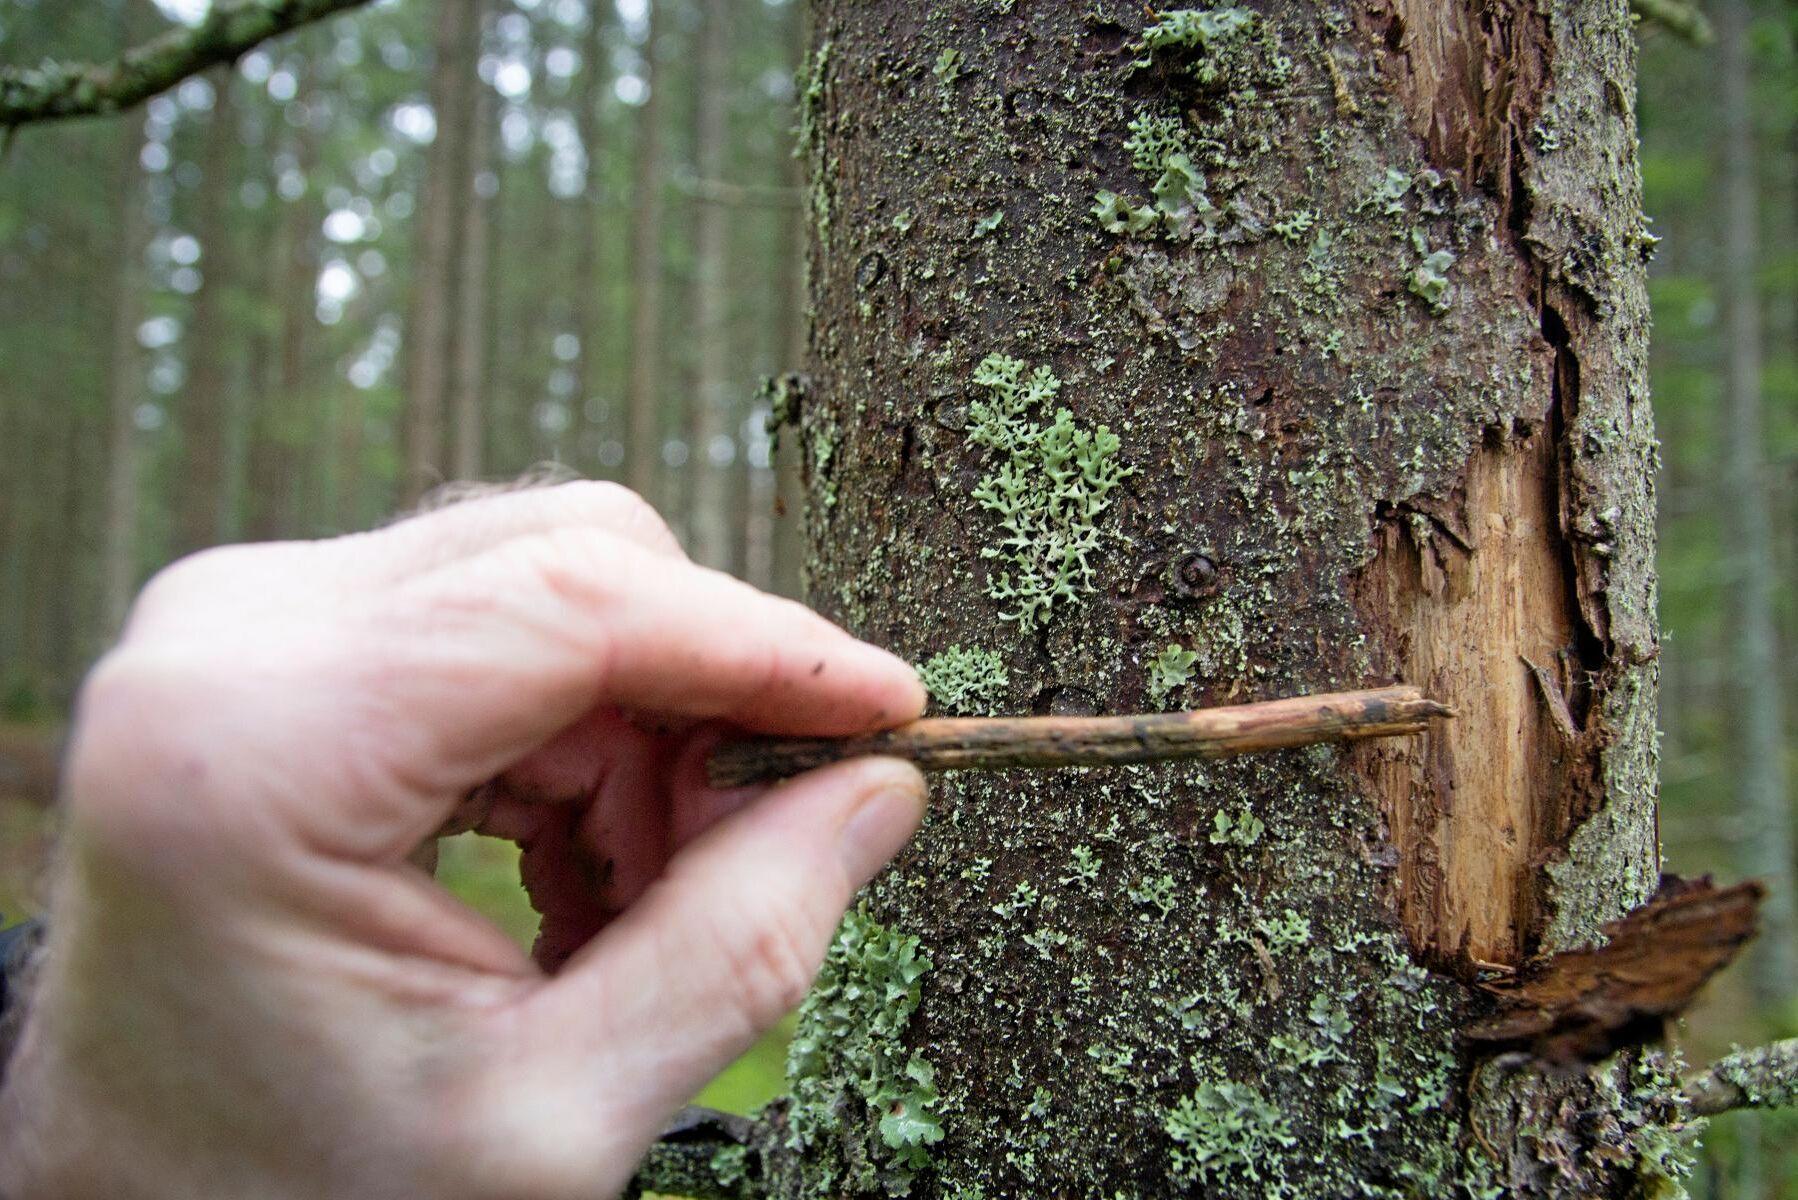 En tysk studie visar att mer blandad skog ger mindre insektsangrepp på vanlig gran. Men samtidigt ökar angreppen istället på andra barrträd.